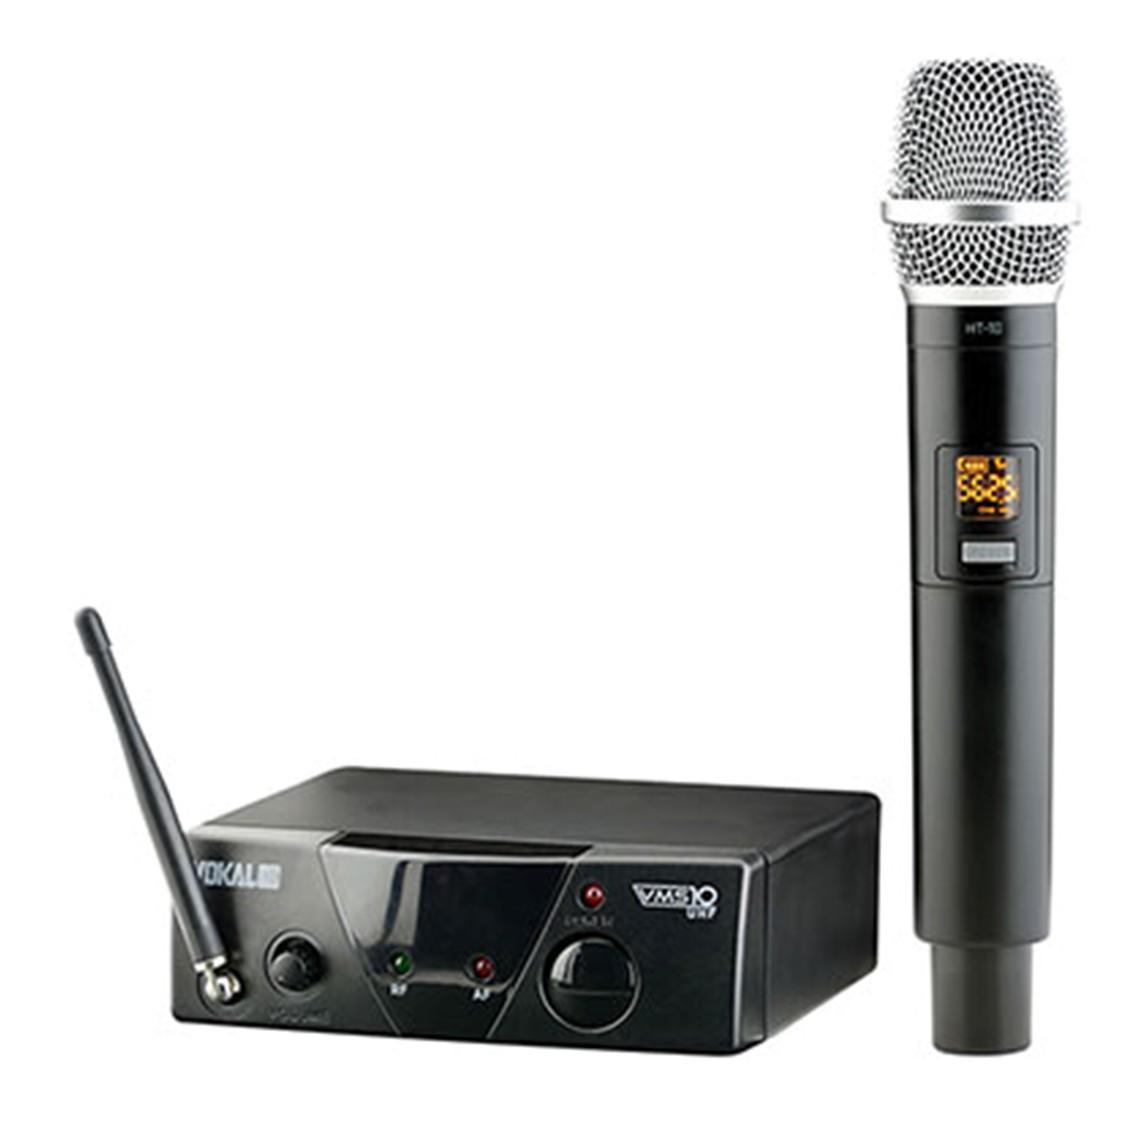 Imagem do produto Microfone sem Fio Vokal VMS10